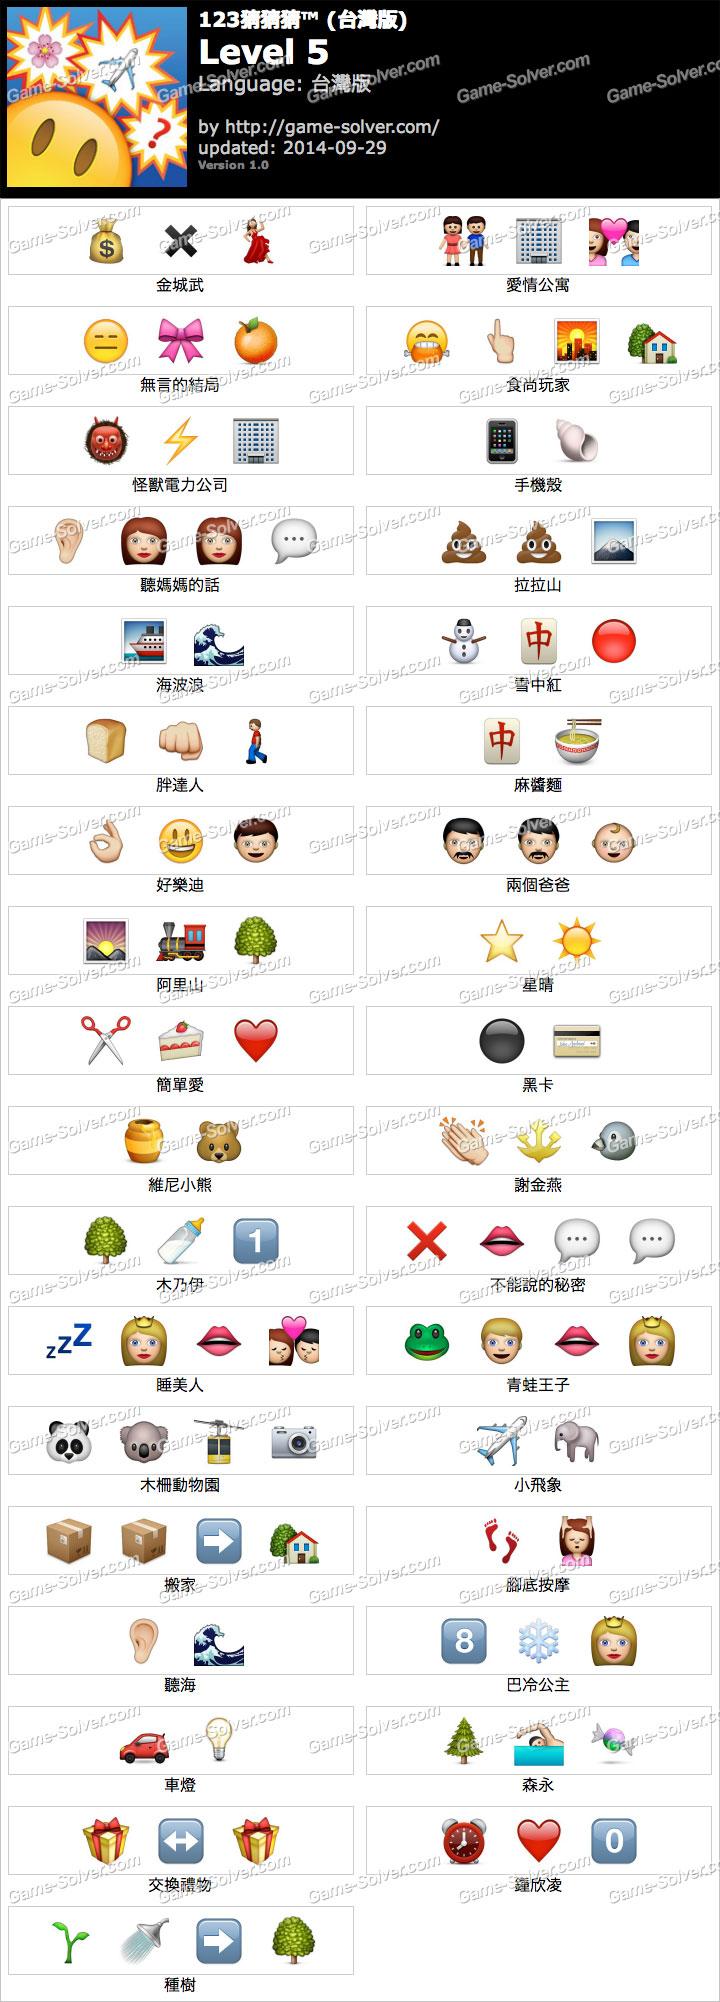 123猜猜猜台灣版答案等級5